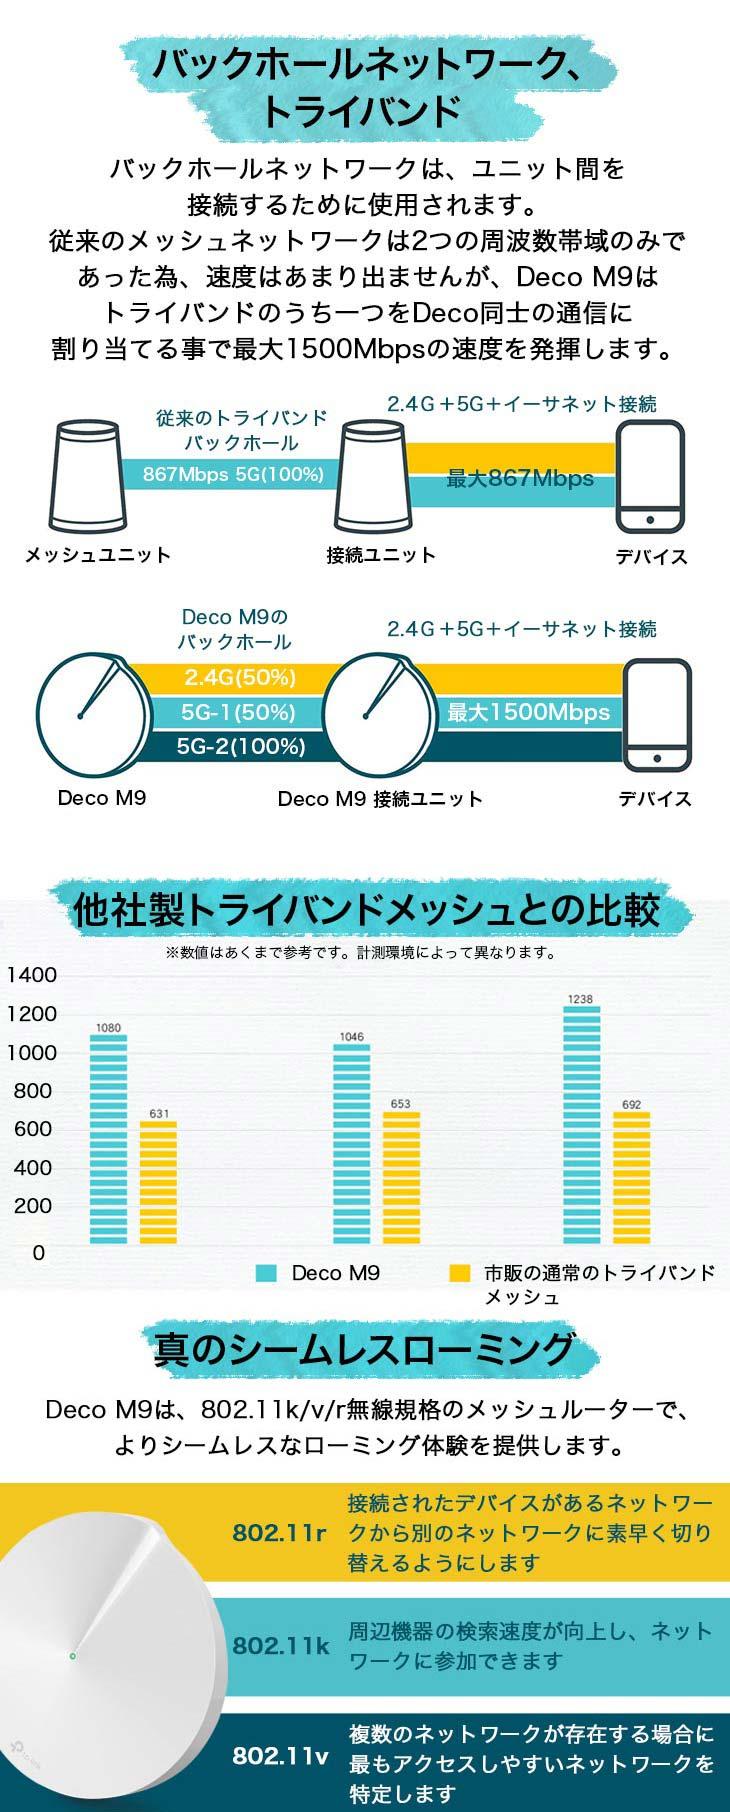 Deco M9 Plus